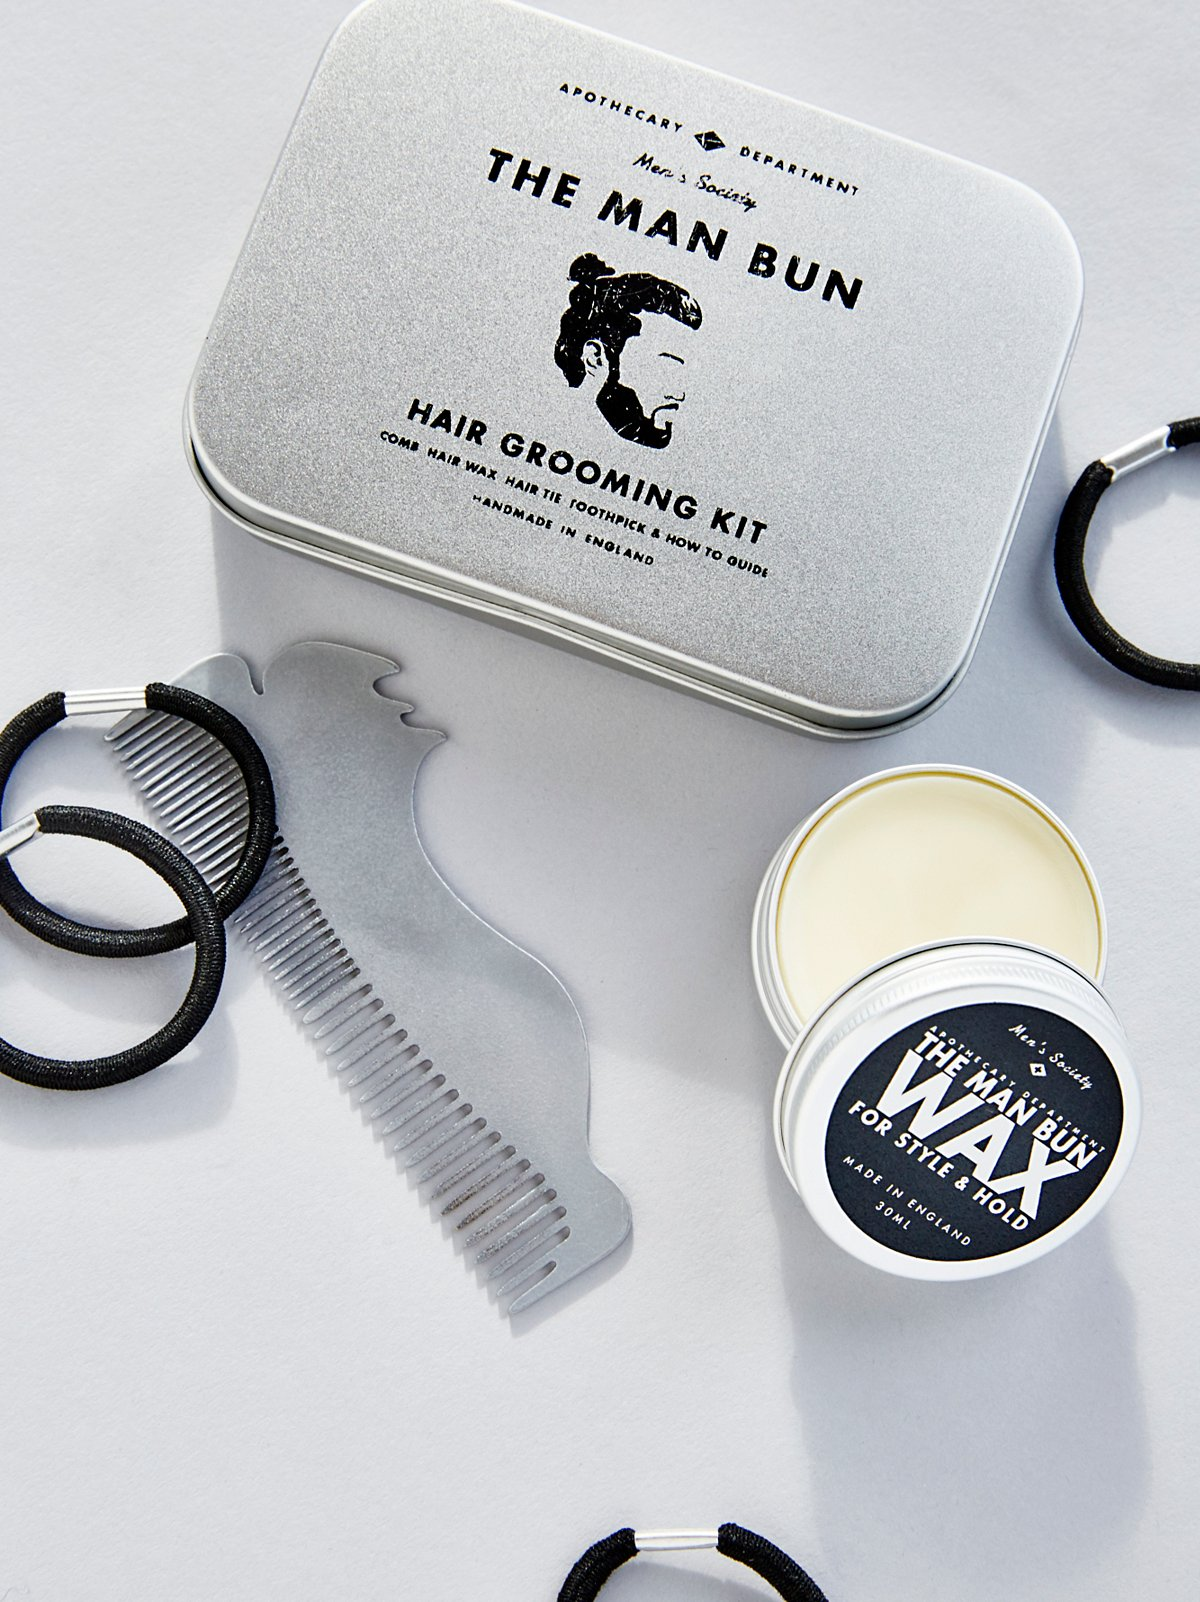 Man Bun Hair Kit